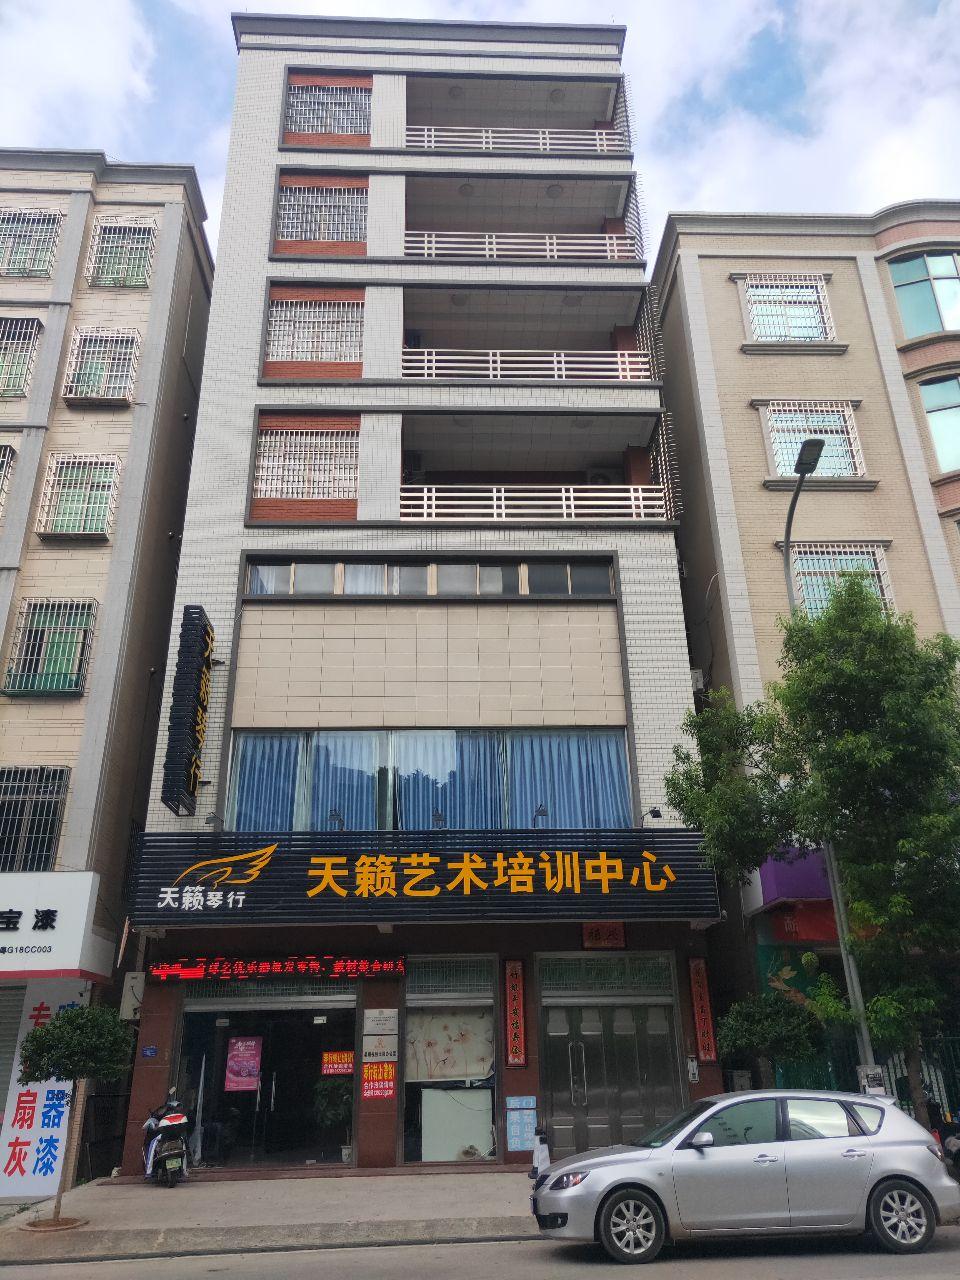 旺铺招租,一至三层,独立楼梯